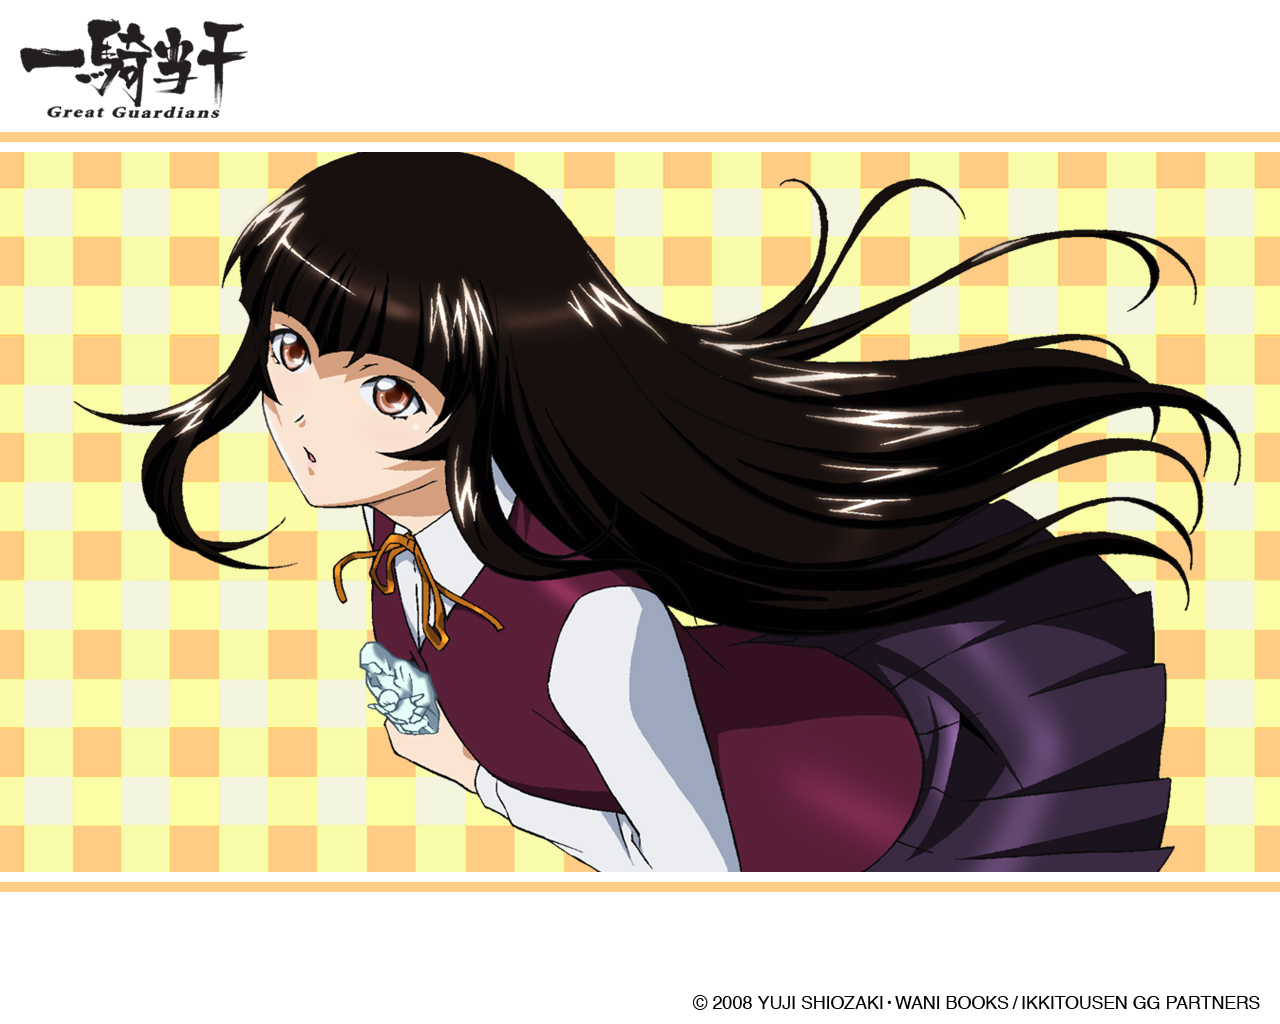 ikkitousen-40(1280x1024).jpg